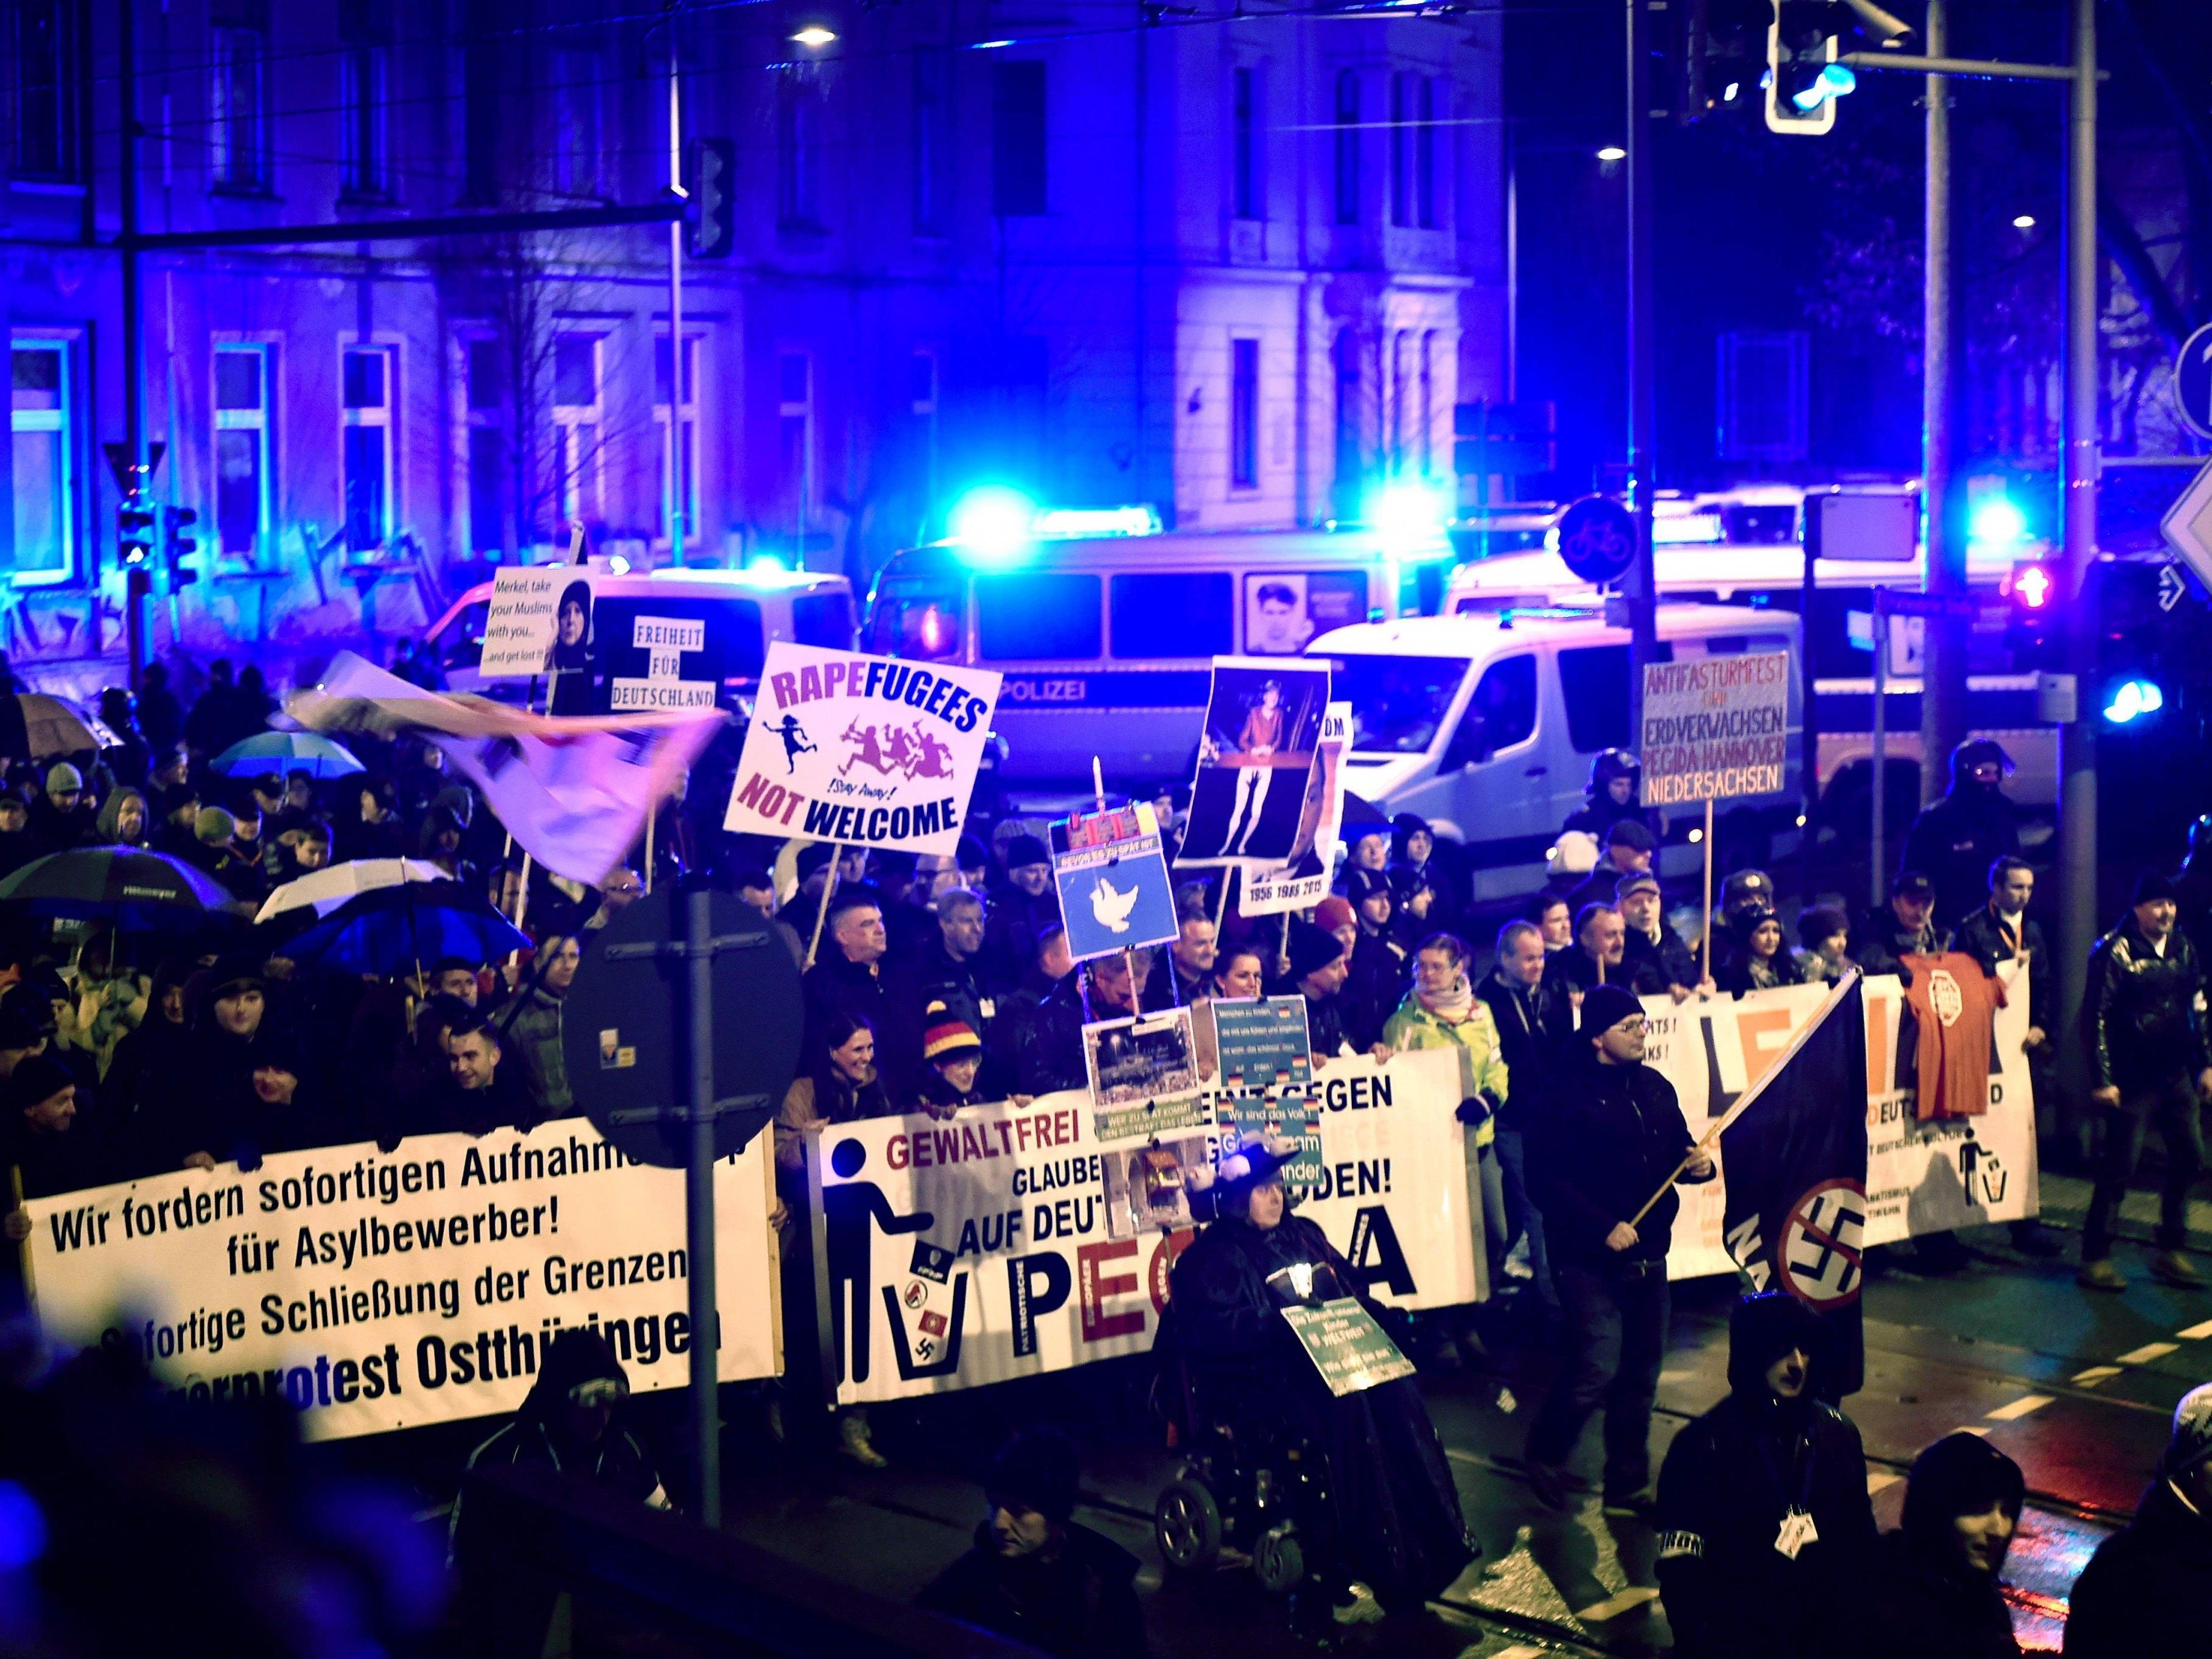 Rund 3400 Menschen bei fremdenfeindlicher Kundgebung.